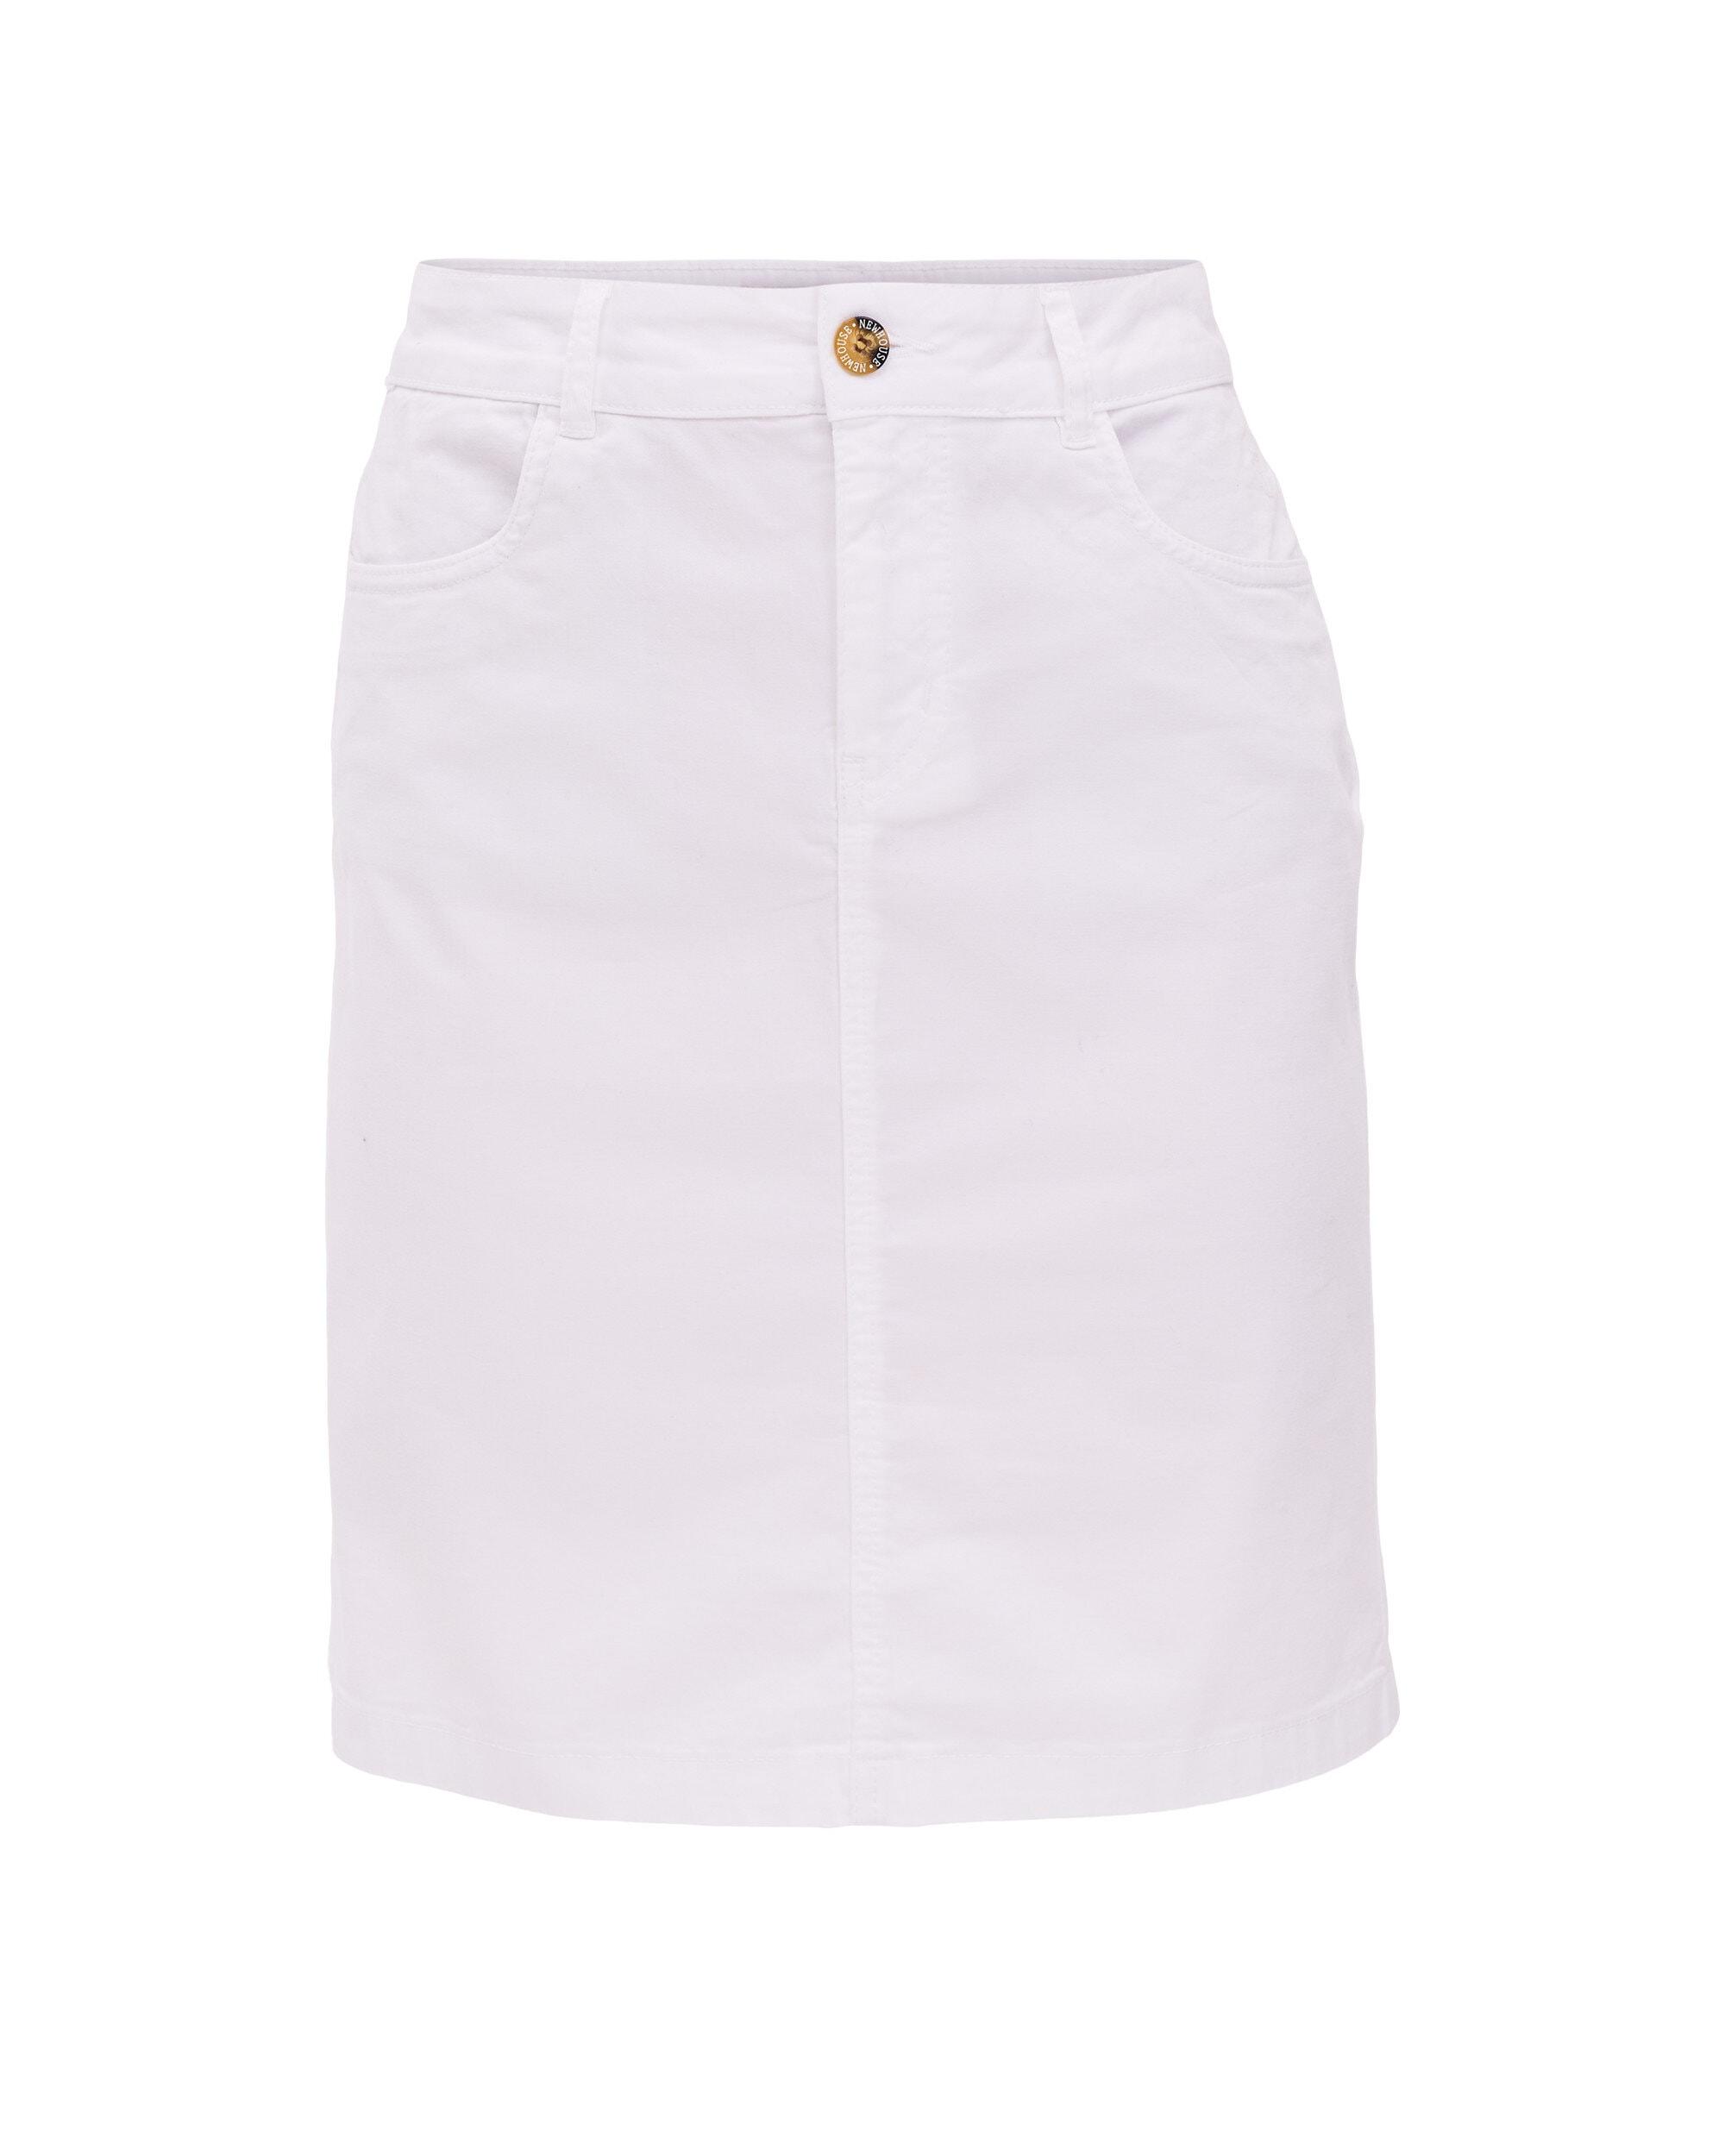 Chinos Skirt